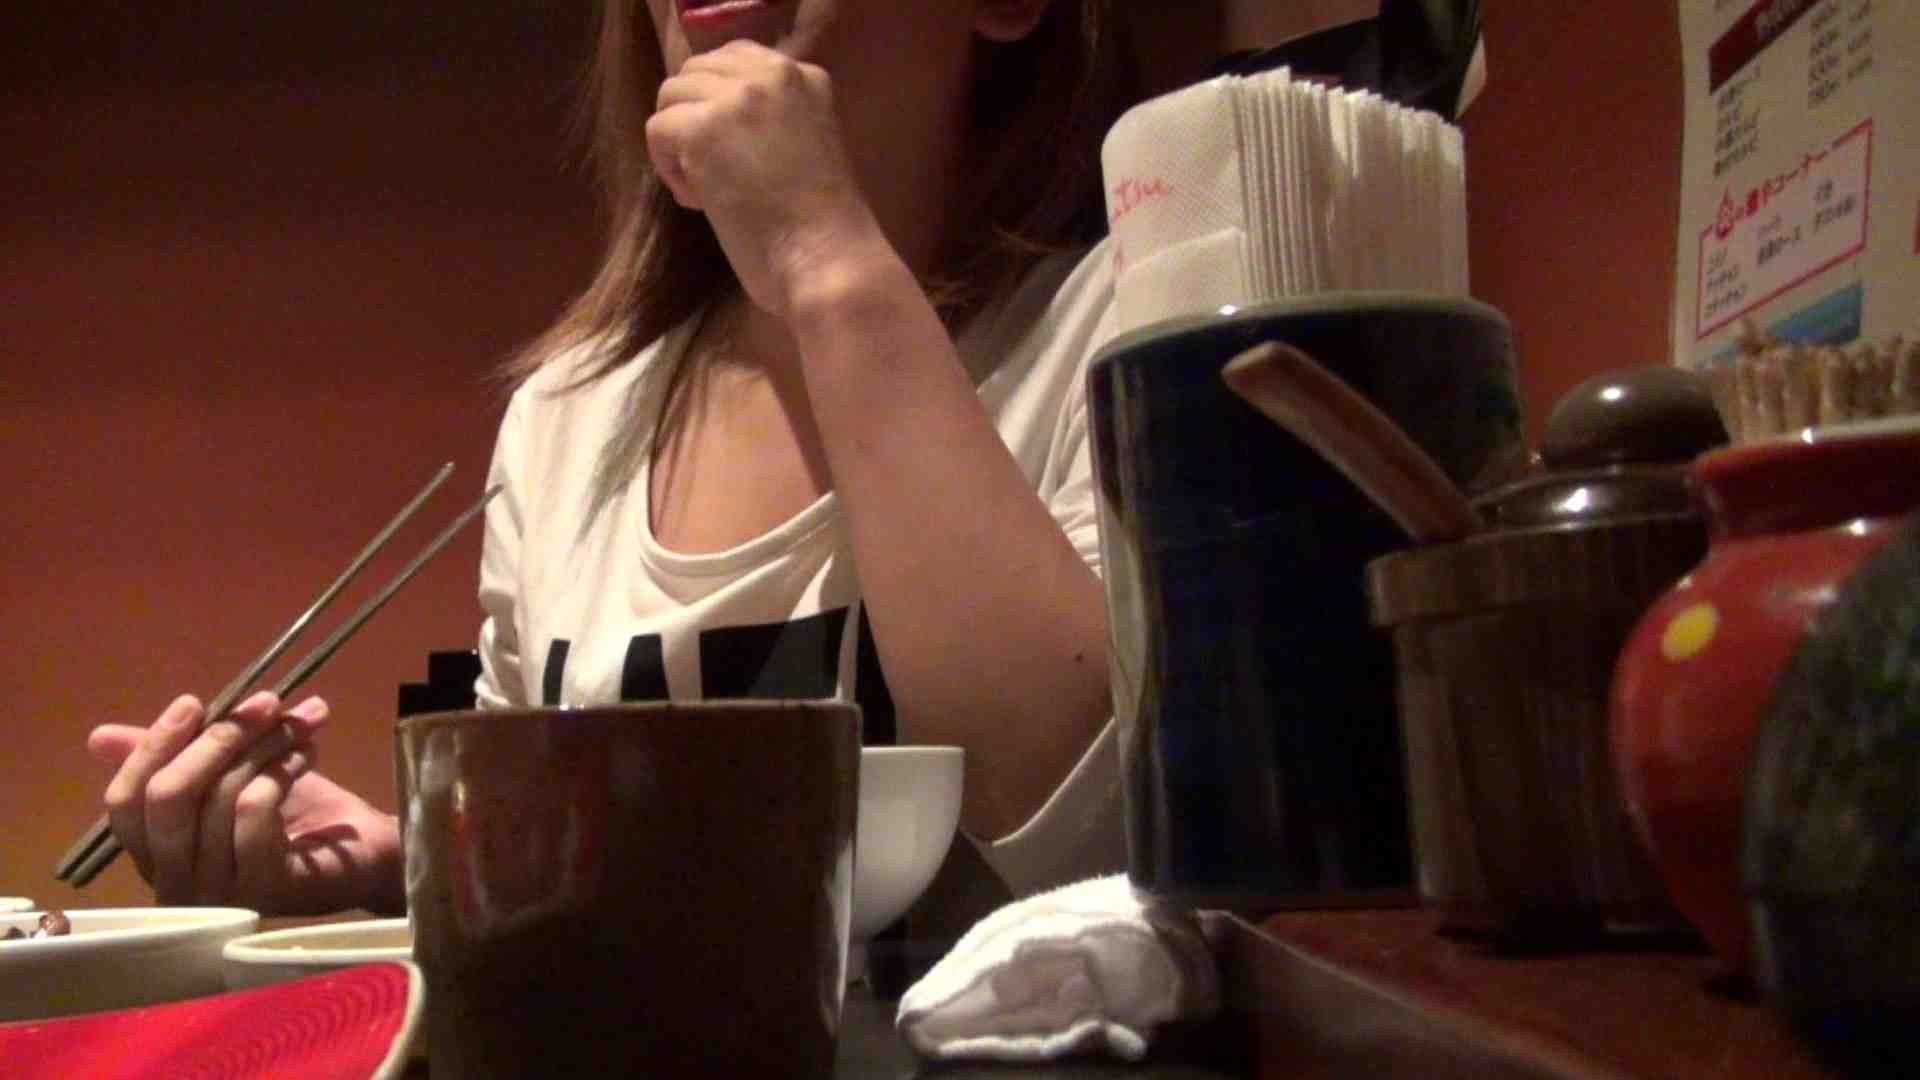 【出会い01】大助さんMちゃんと食事会 悪戯  65連発 37